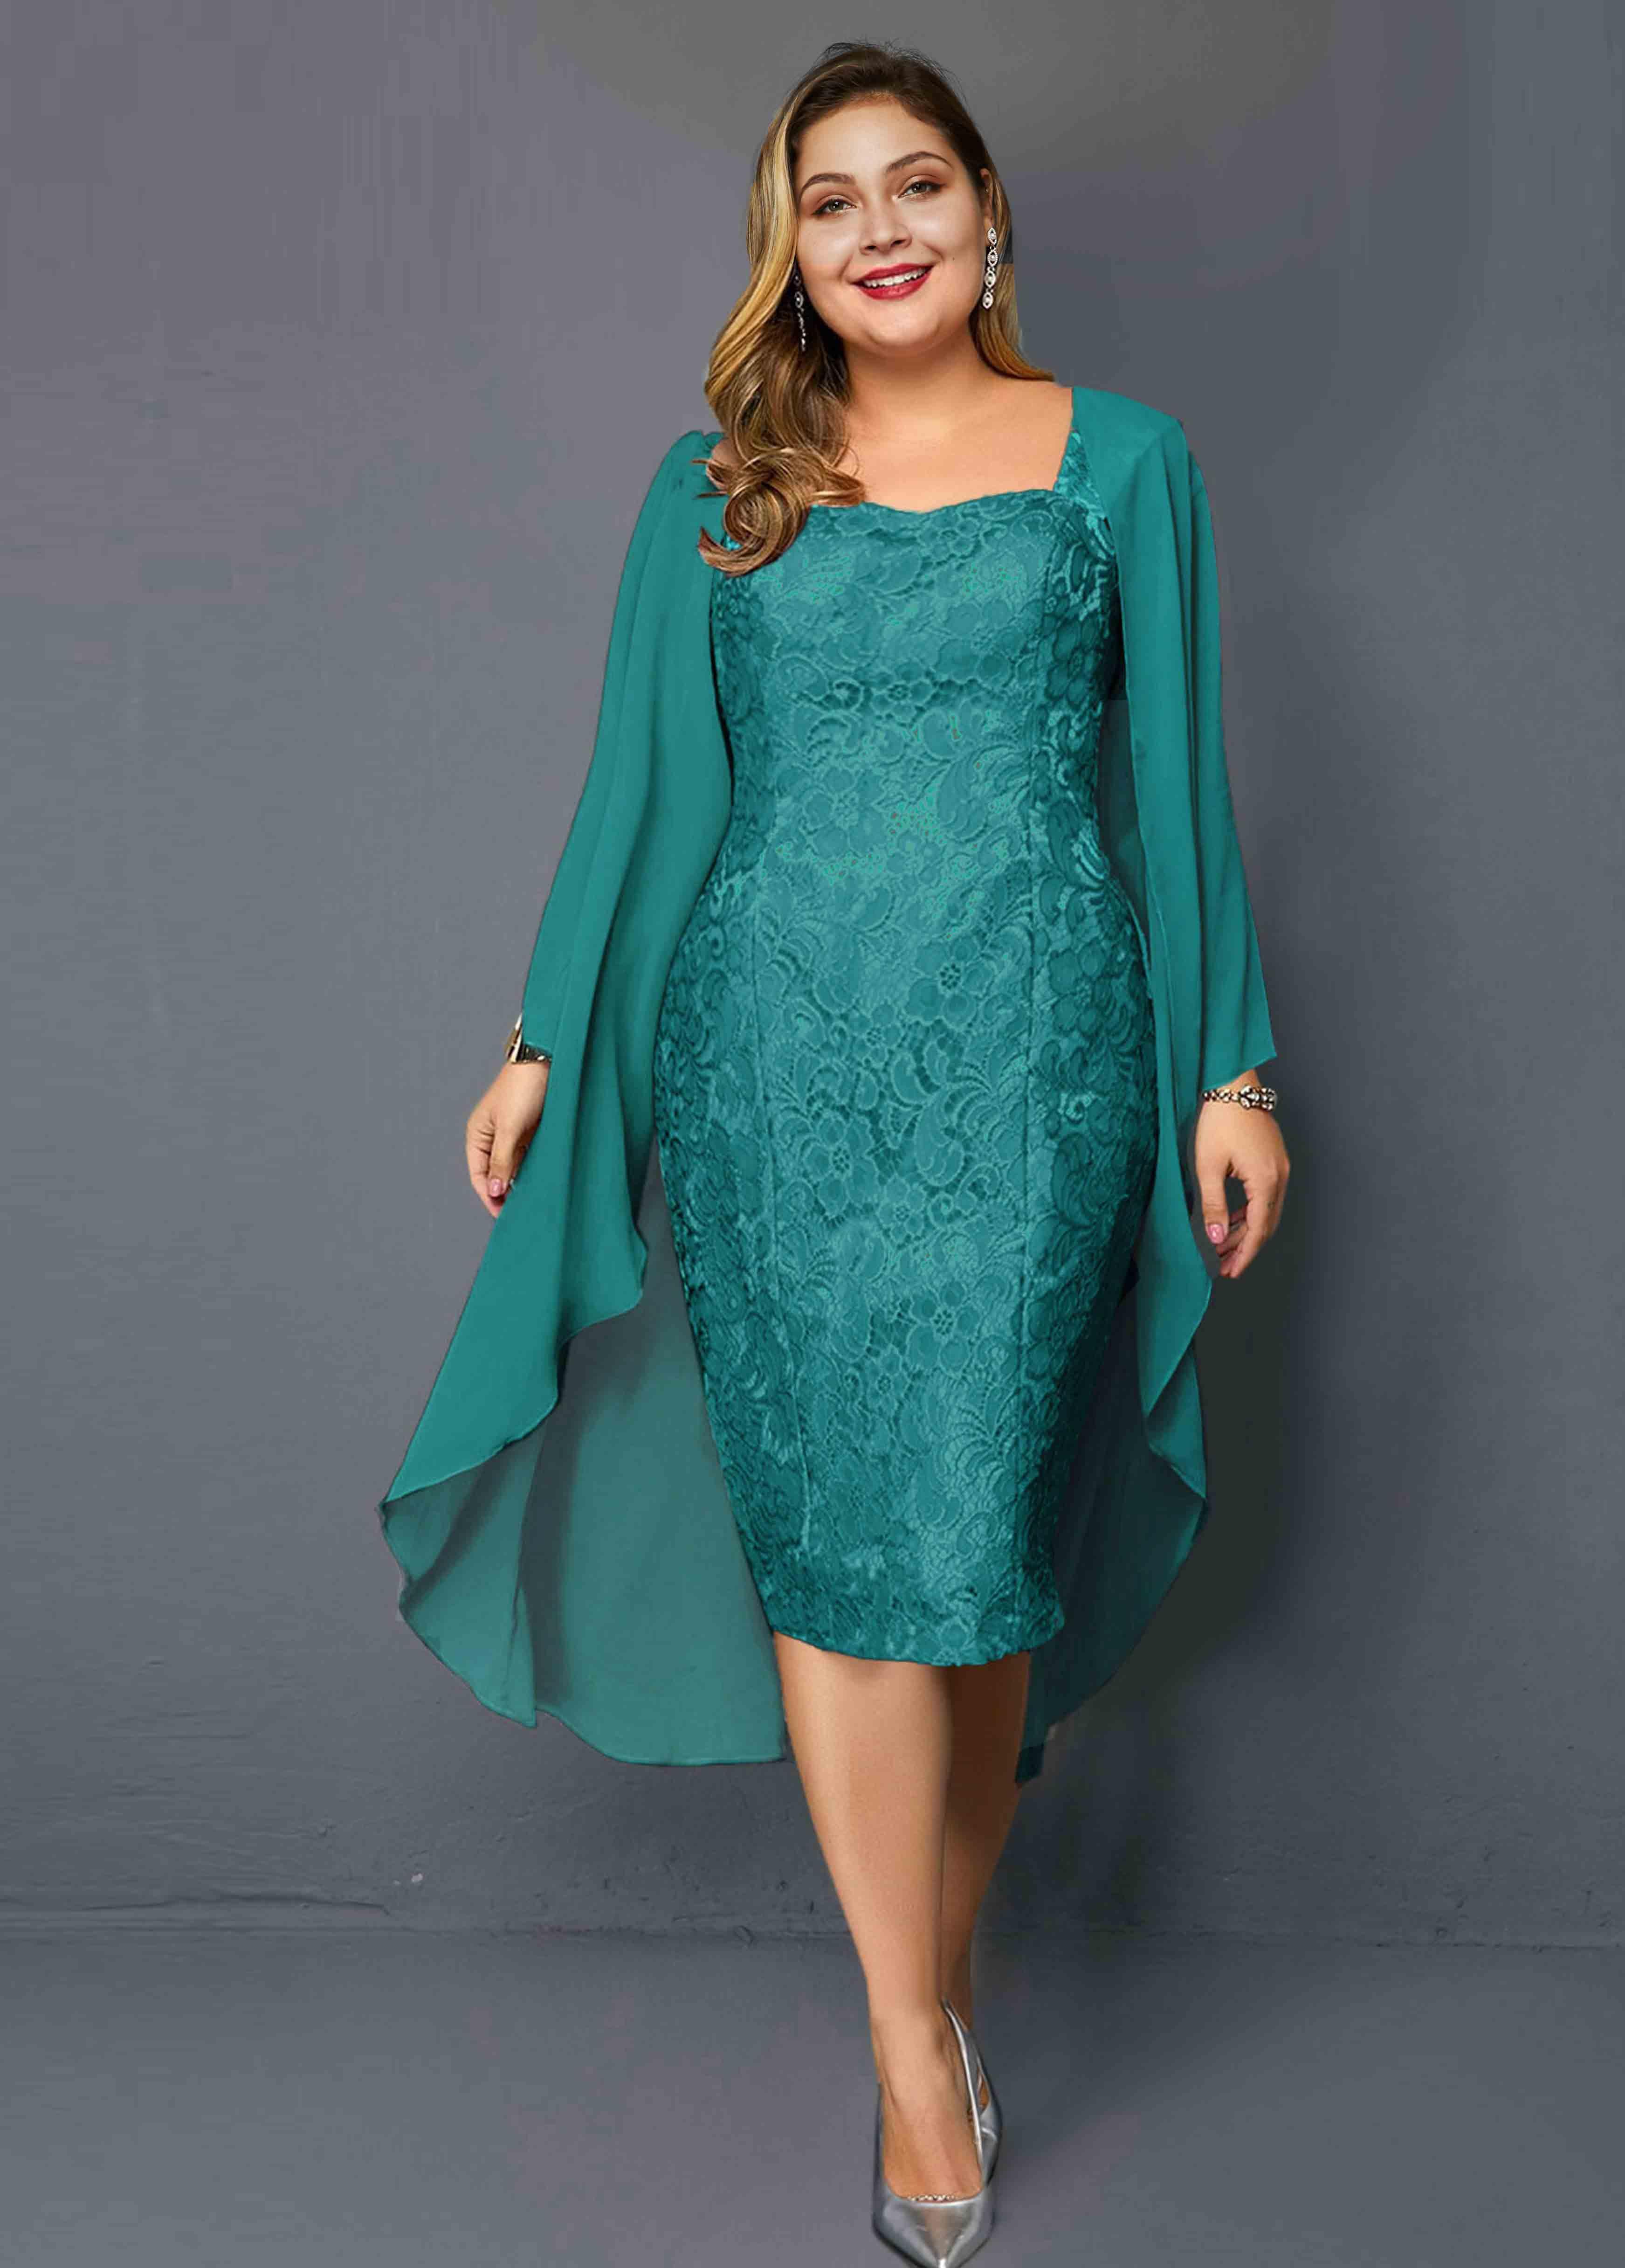 ROTITA Plus Size Chiffon Cardigan and Lace Sheath Dress